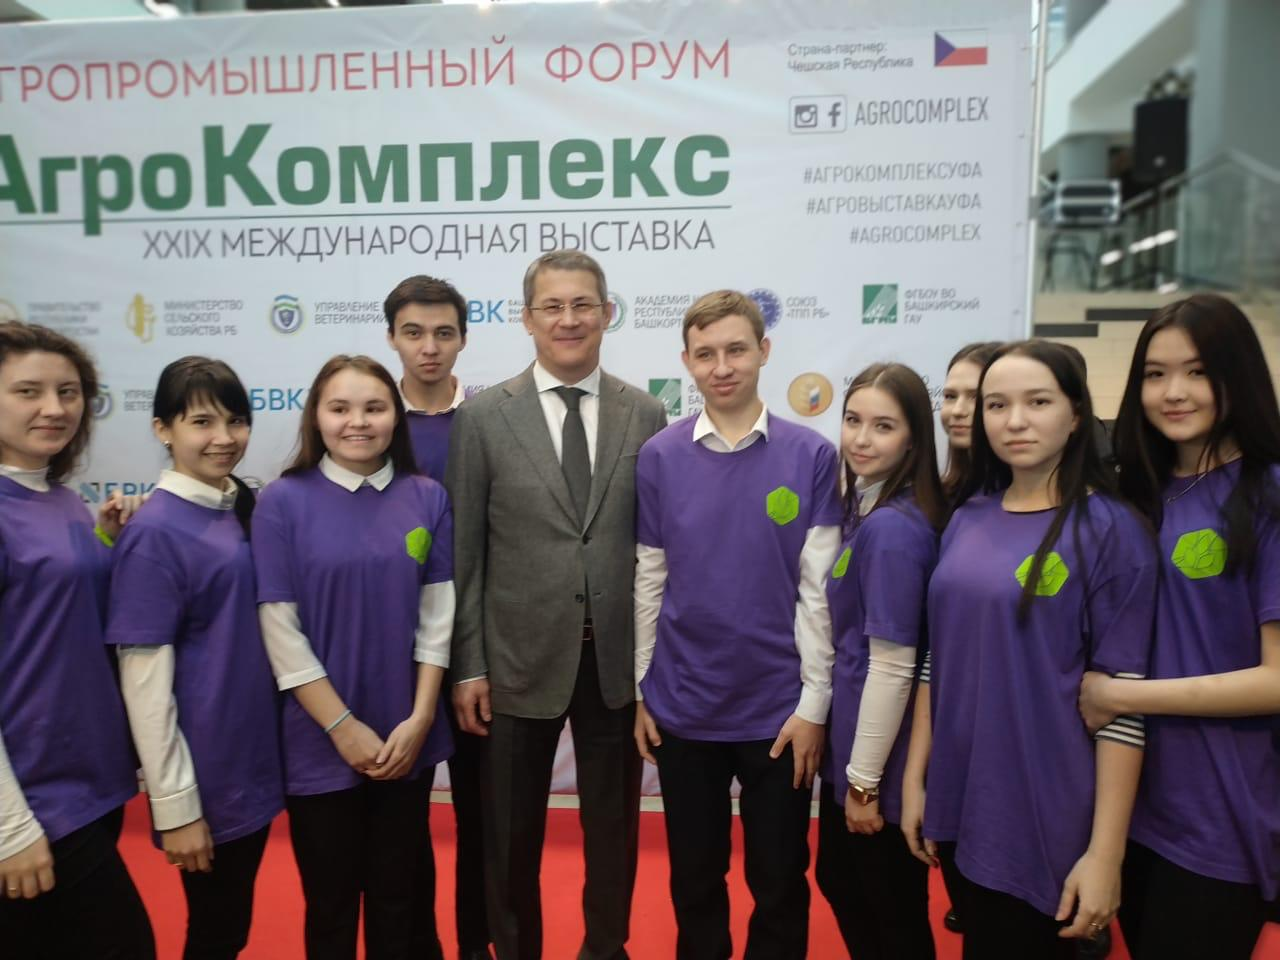 Выставку АгроКомплекс-2019 посетил врио Главы Республики Башкортостан Р.Ф. Хабиров